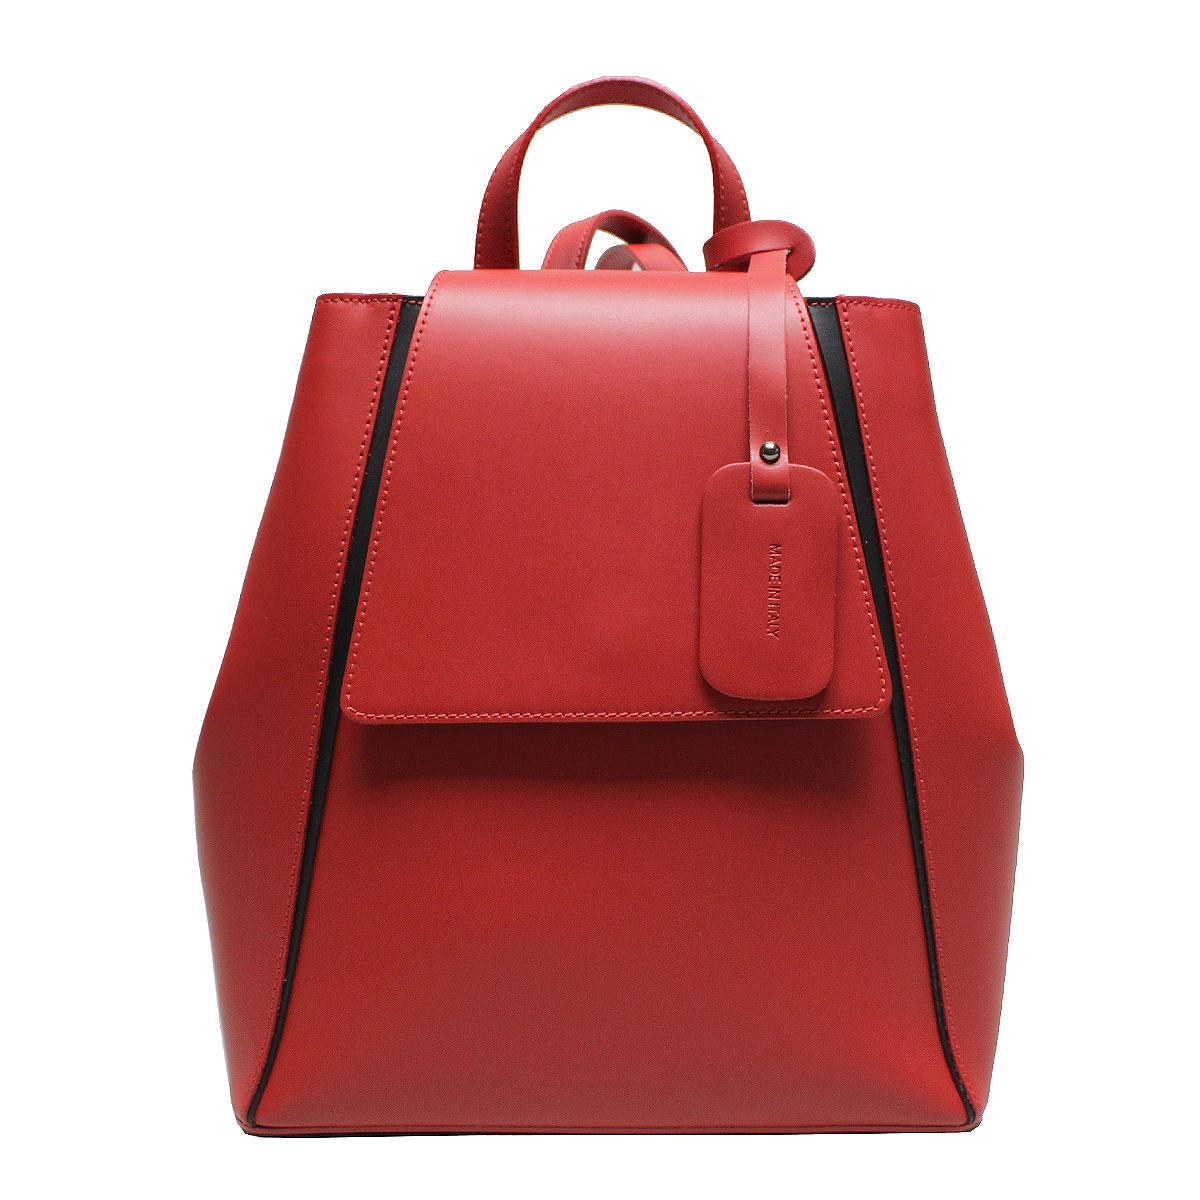 Рюкзак женский Edmins, цвет: красный. 5017 ED Winter red1043466Стильный женский рюкзак Edmins выполнен из натуральной кожи. Рюкзак закрывается на магнитную застежку и клапан. Внутри - одно отделение, в котором карман на застежке-молнии и два открытых кармана.Рюкзак имеет жесткую форму. Декорирован узкими вставками черной кожи, что подчеркивает геометрию рюкзака. По бокам на высоте клапана - кнопки. Обращаем внимание, что необходимо произвести усилие для застегивания кнопок. Это функционально продуманно, чтобы исключить легкое растягивание кнопок под нагрузкой содержимого рюкзака. На дне рюкзака металлические ножки, предохраняющие дно от потертостей и загрязнений.Высота ручки рюкзака: 9 см.Длина лямок регулируется - от 70 см до 87 см.